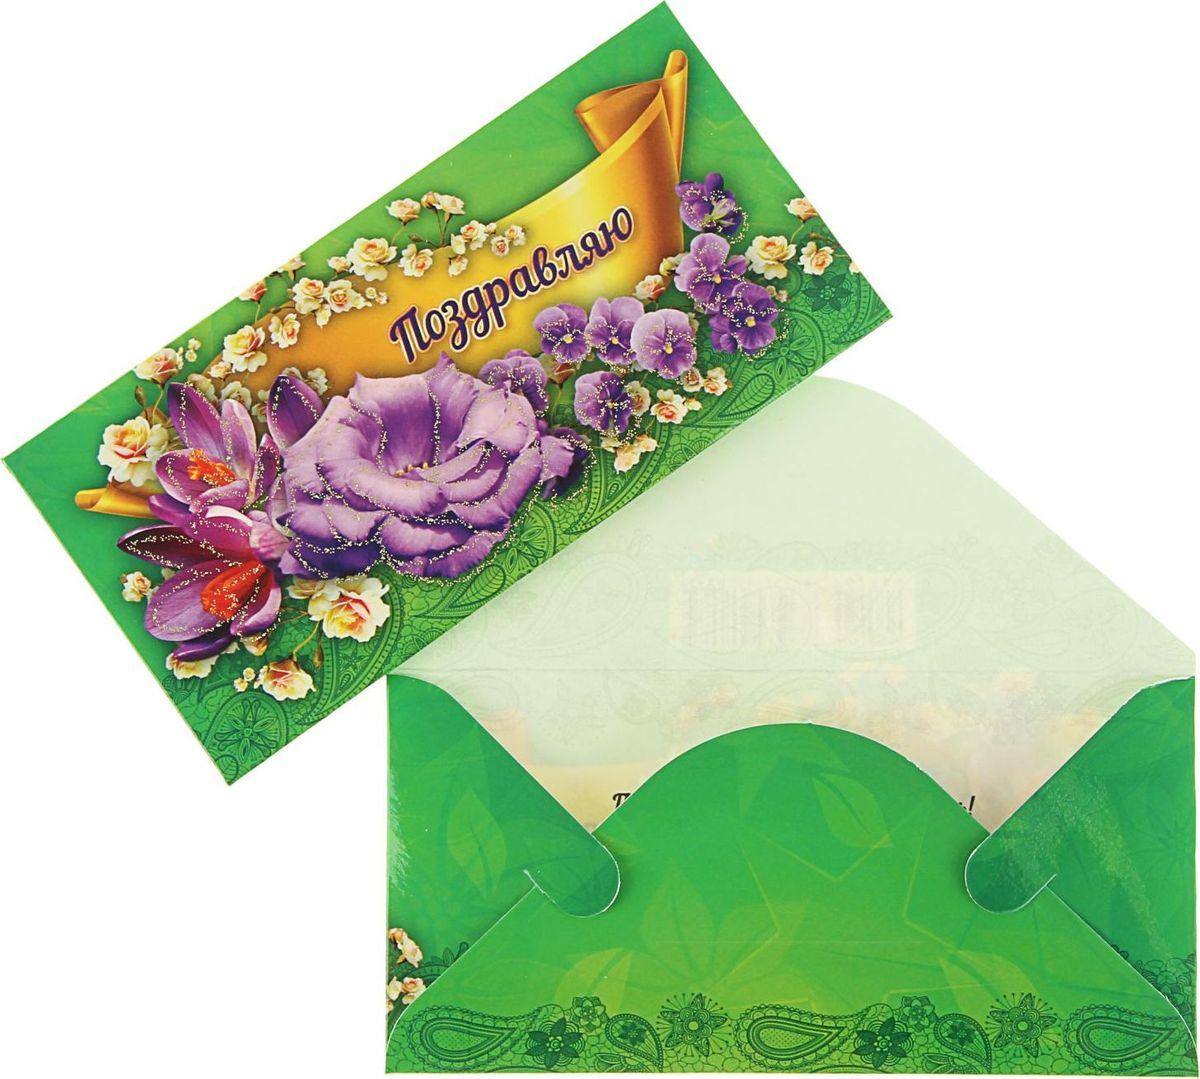 Конверт для денег Издательская Группа Квадра Поздравляю! Зеленый фон, фиолетовые цветы, 16,5 х 8 см1465395Невозможно представить нашу жизнь без праздников! Мы всегда ждём их и предвкушаем, обдумываем, как проведём памятный день, тщательно выбираем подарки и аксессуары, ведь именно они создают и поддерживают торжественный настрой. Этот конверт для денег - отличный выбор, который привнесёт атмосферу праздника в ваш дом!